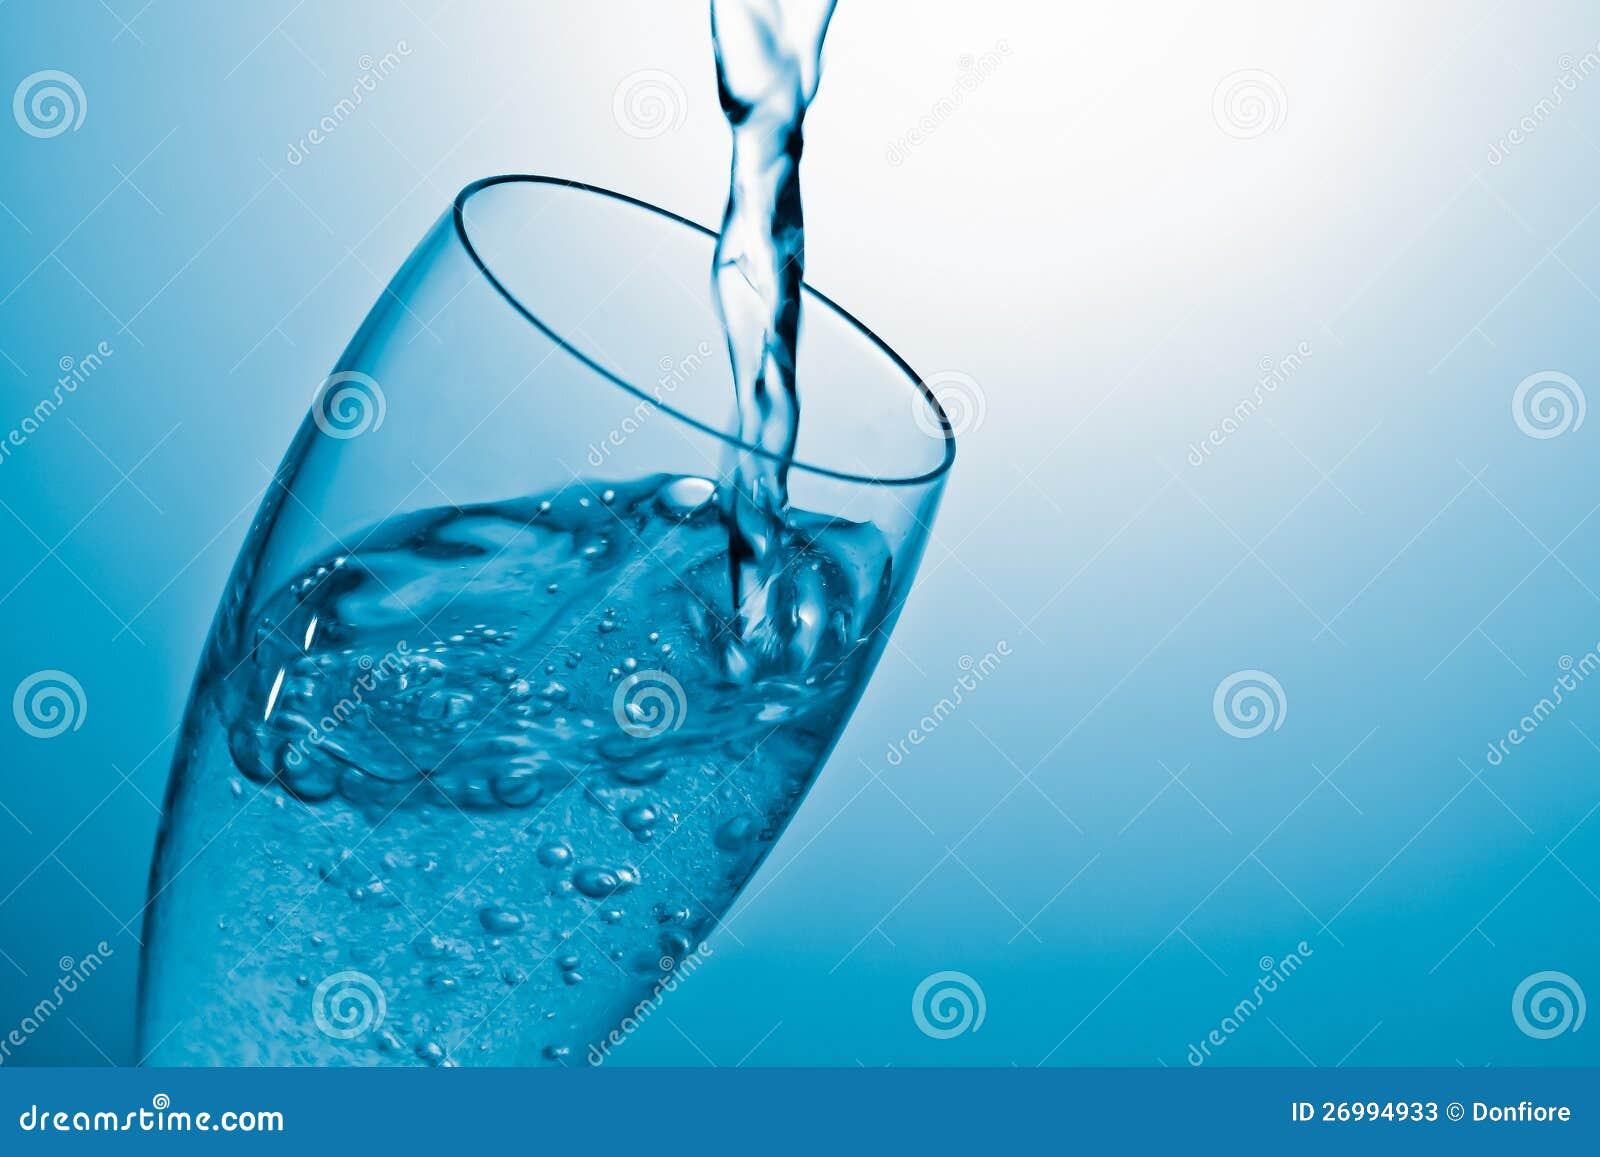 倾吐的水到玻璃里